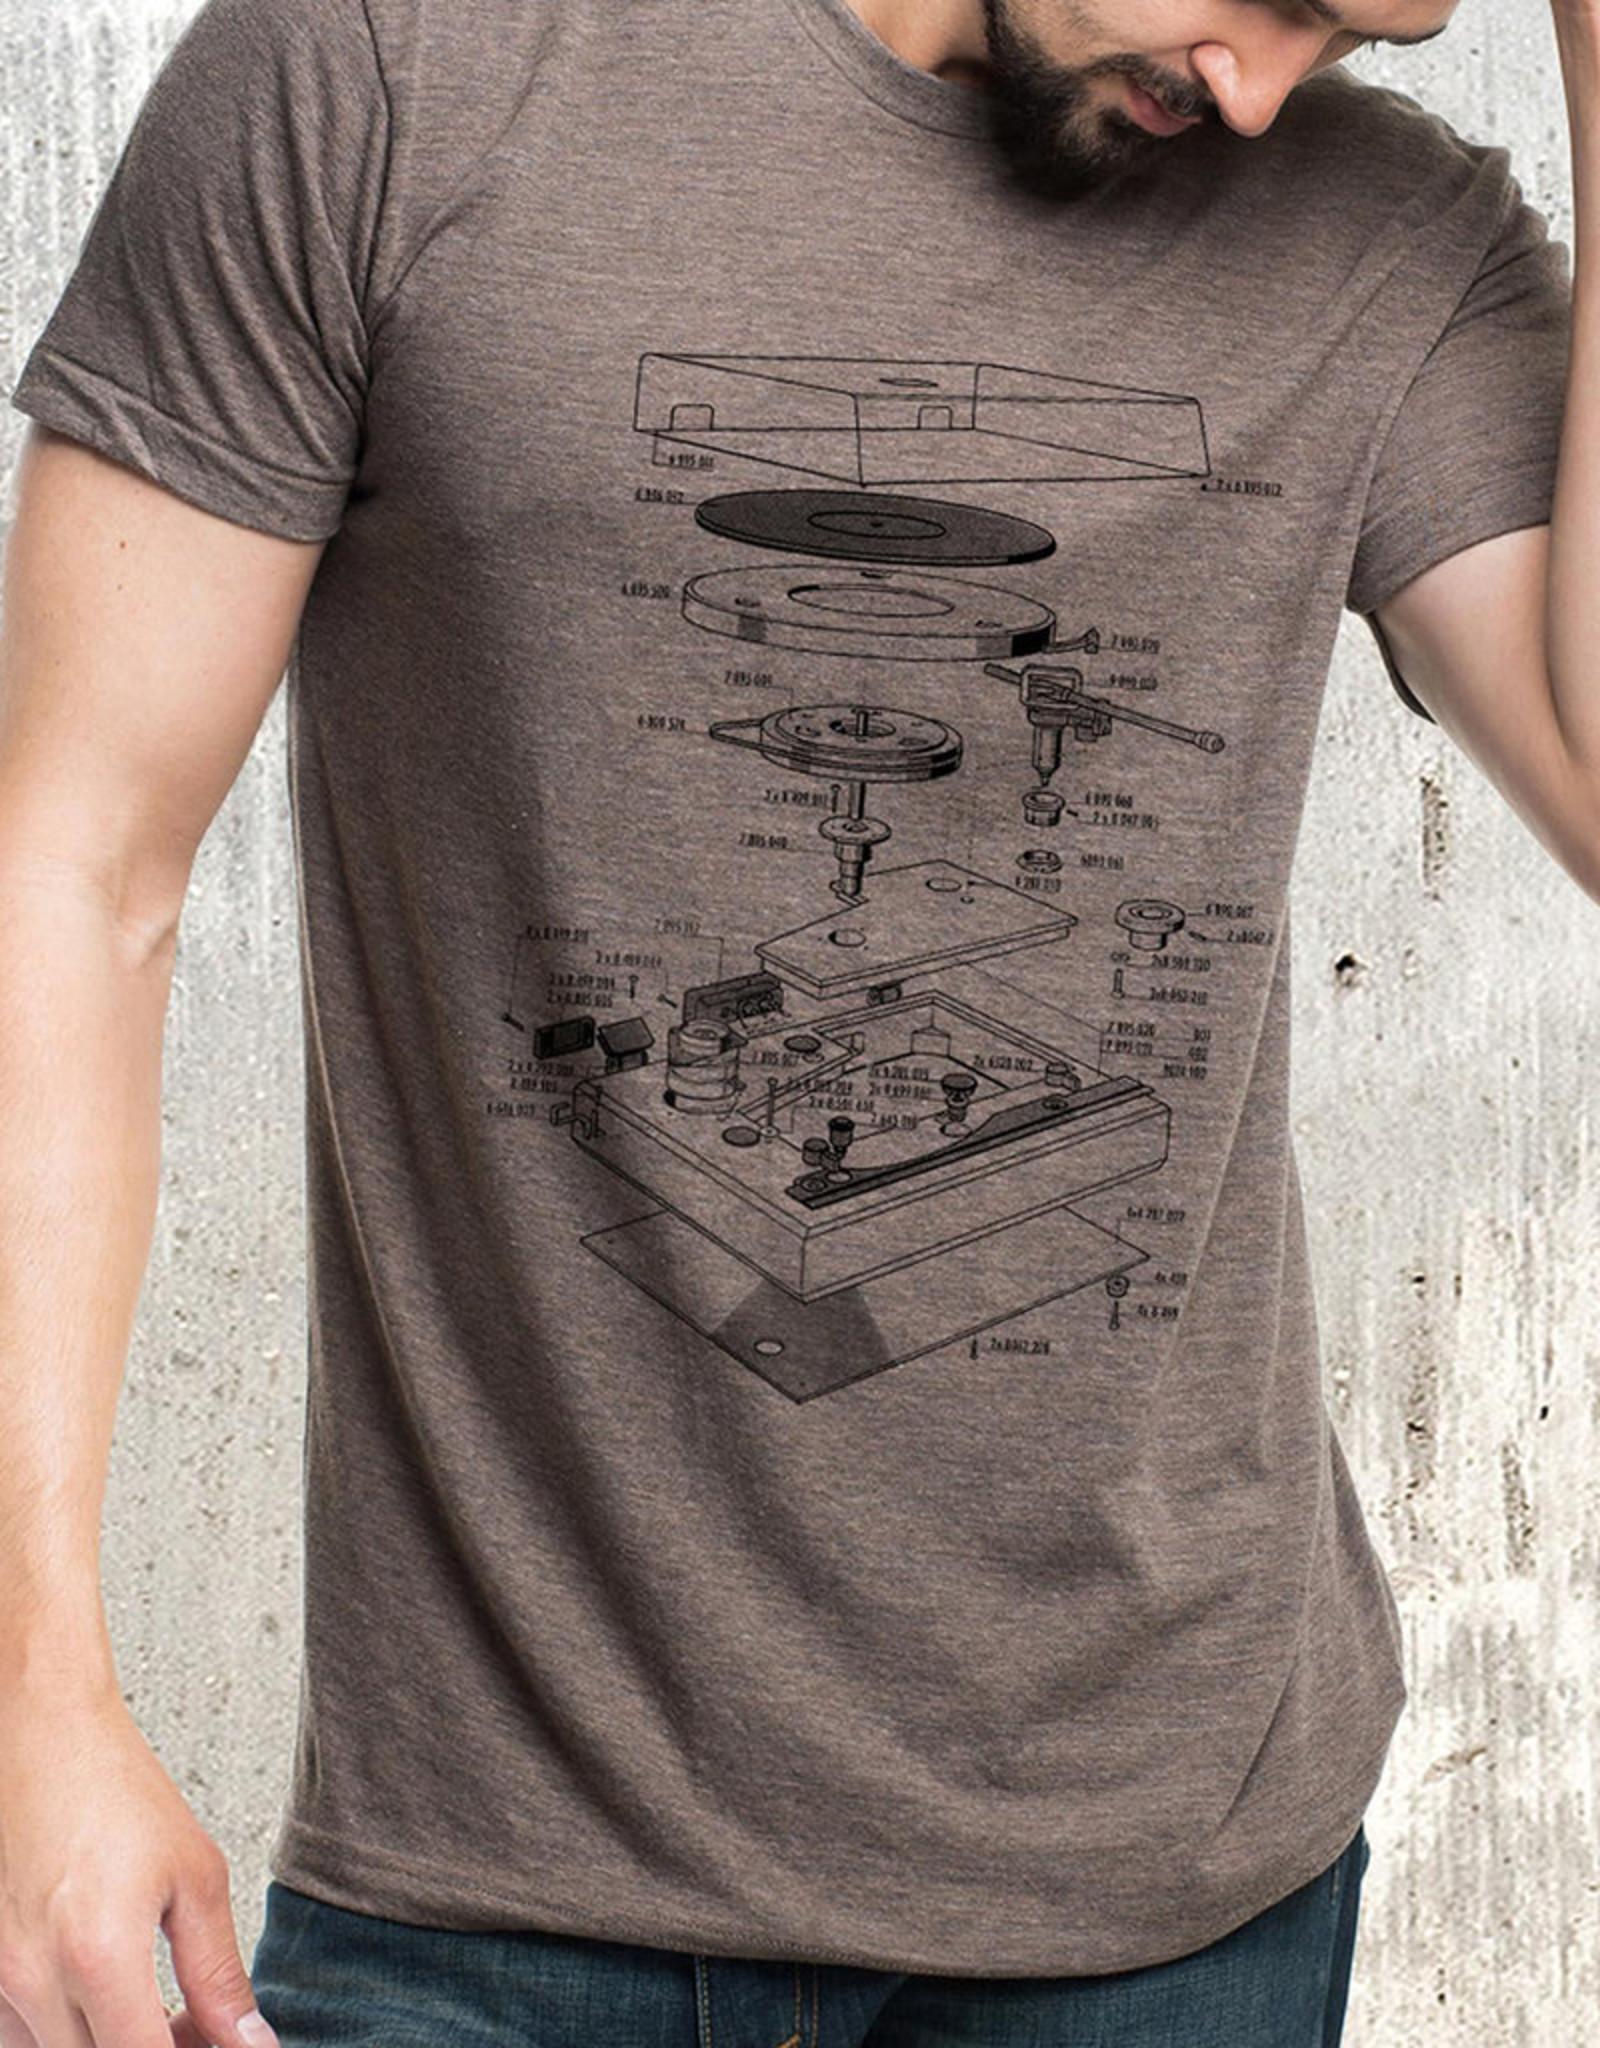 Black Lantern Black Lantern - T-Shirt - Turntable